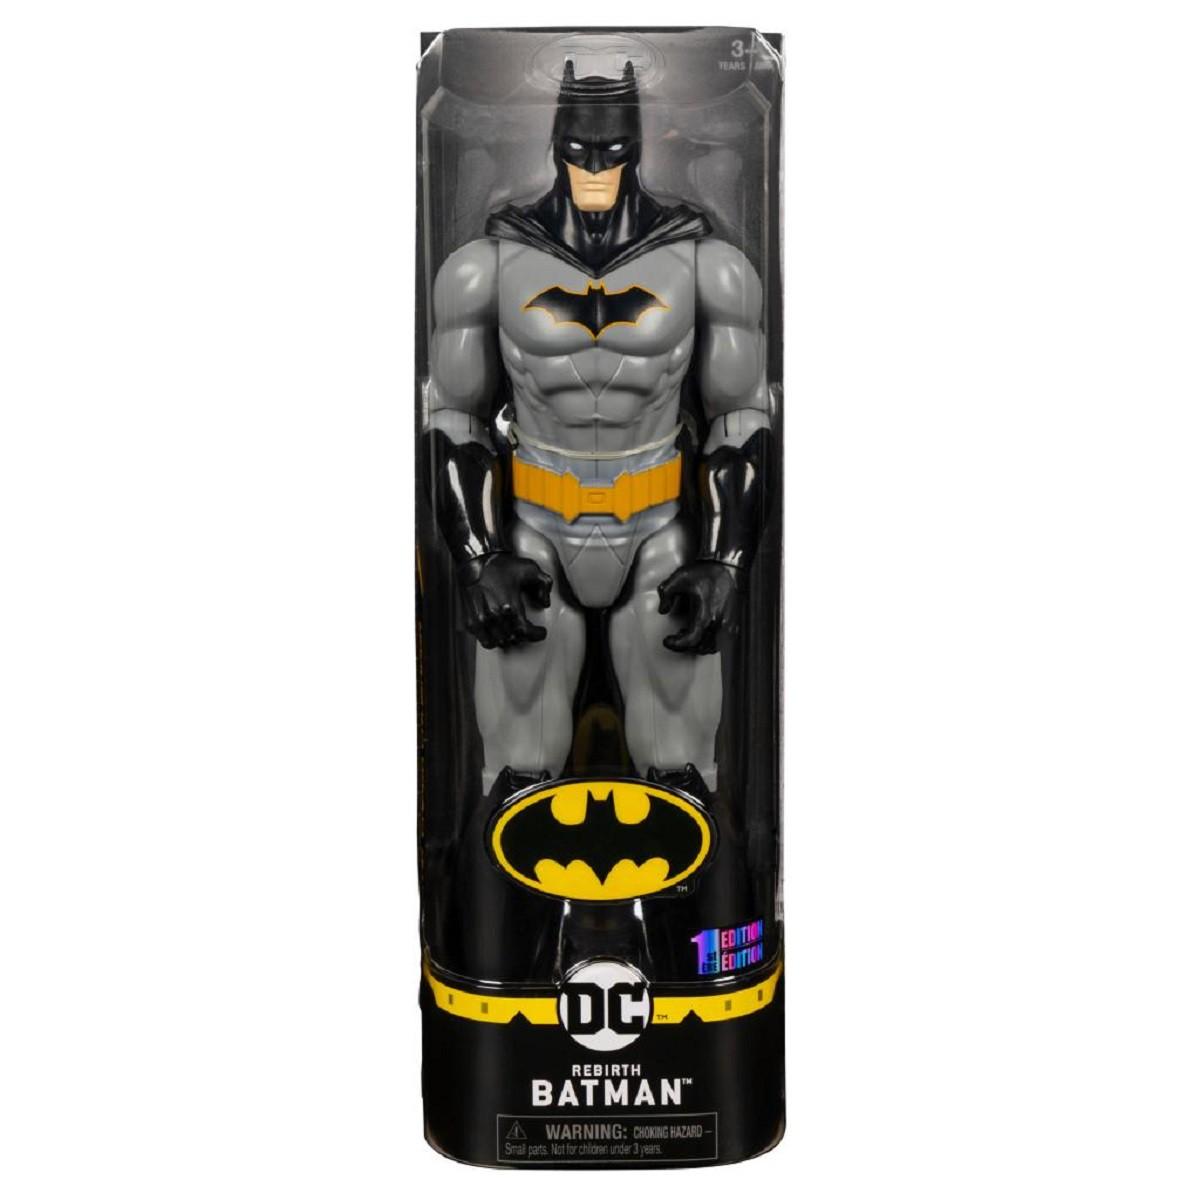 DC Comics BATMAN Boneco De Ação BATMAN Articulado